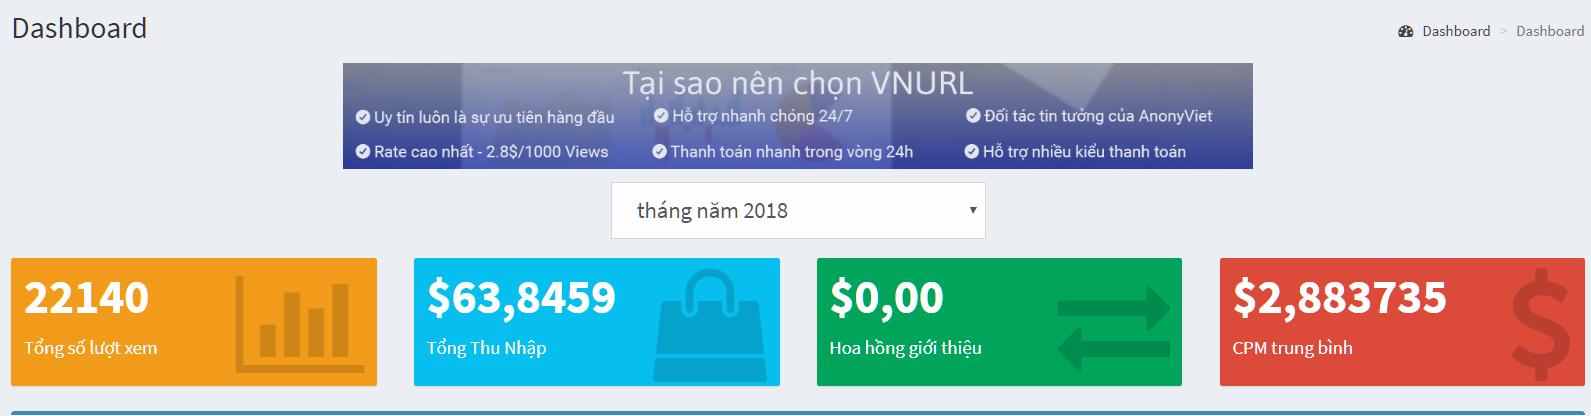 31 05 2018 07 32 22 - Event cực khủng nhận từ 1 - 5$ của VNURL